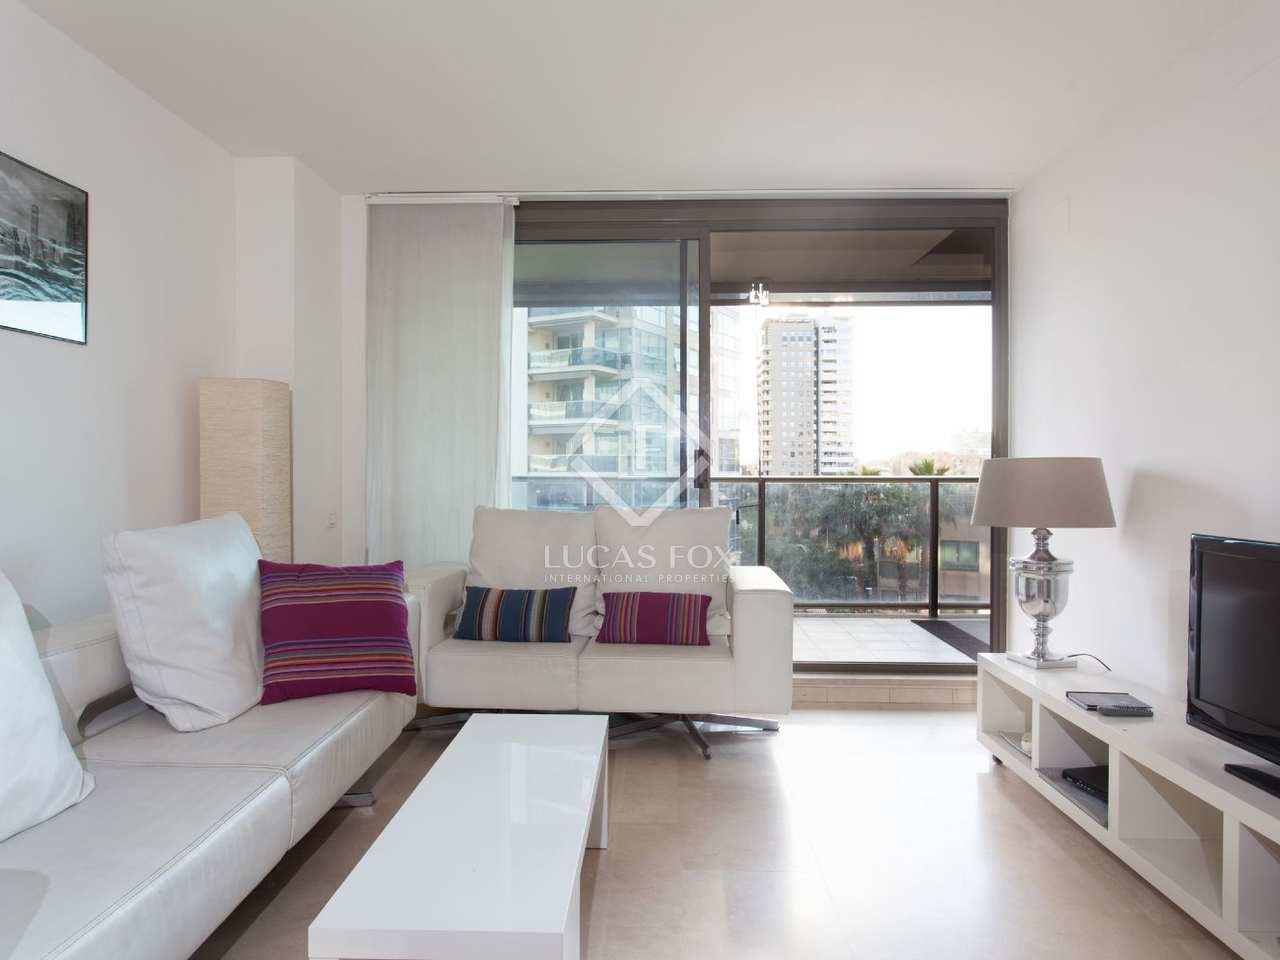 Appartement en vente avec vue sur la mer diagonal mar barcelone - Appartement vente barcelone ...